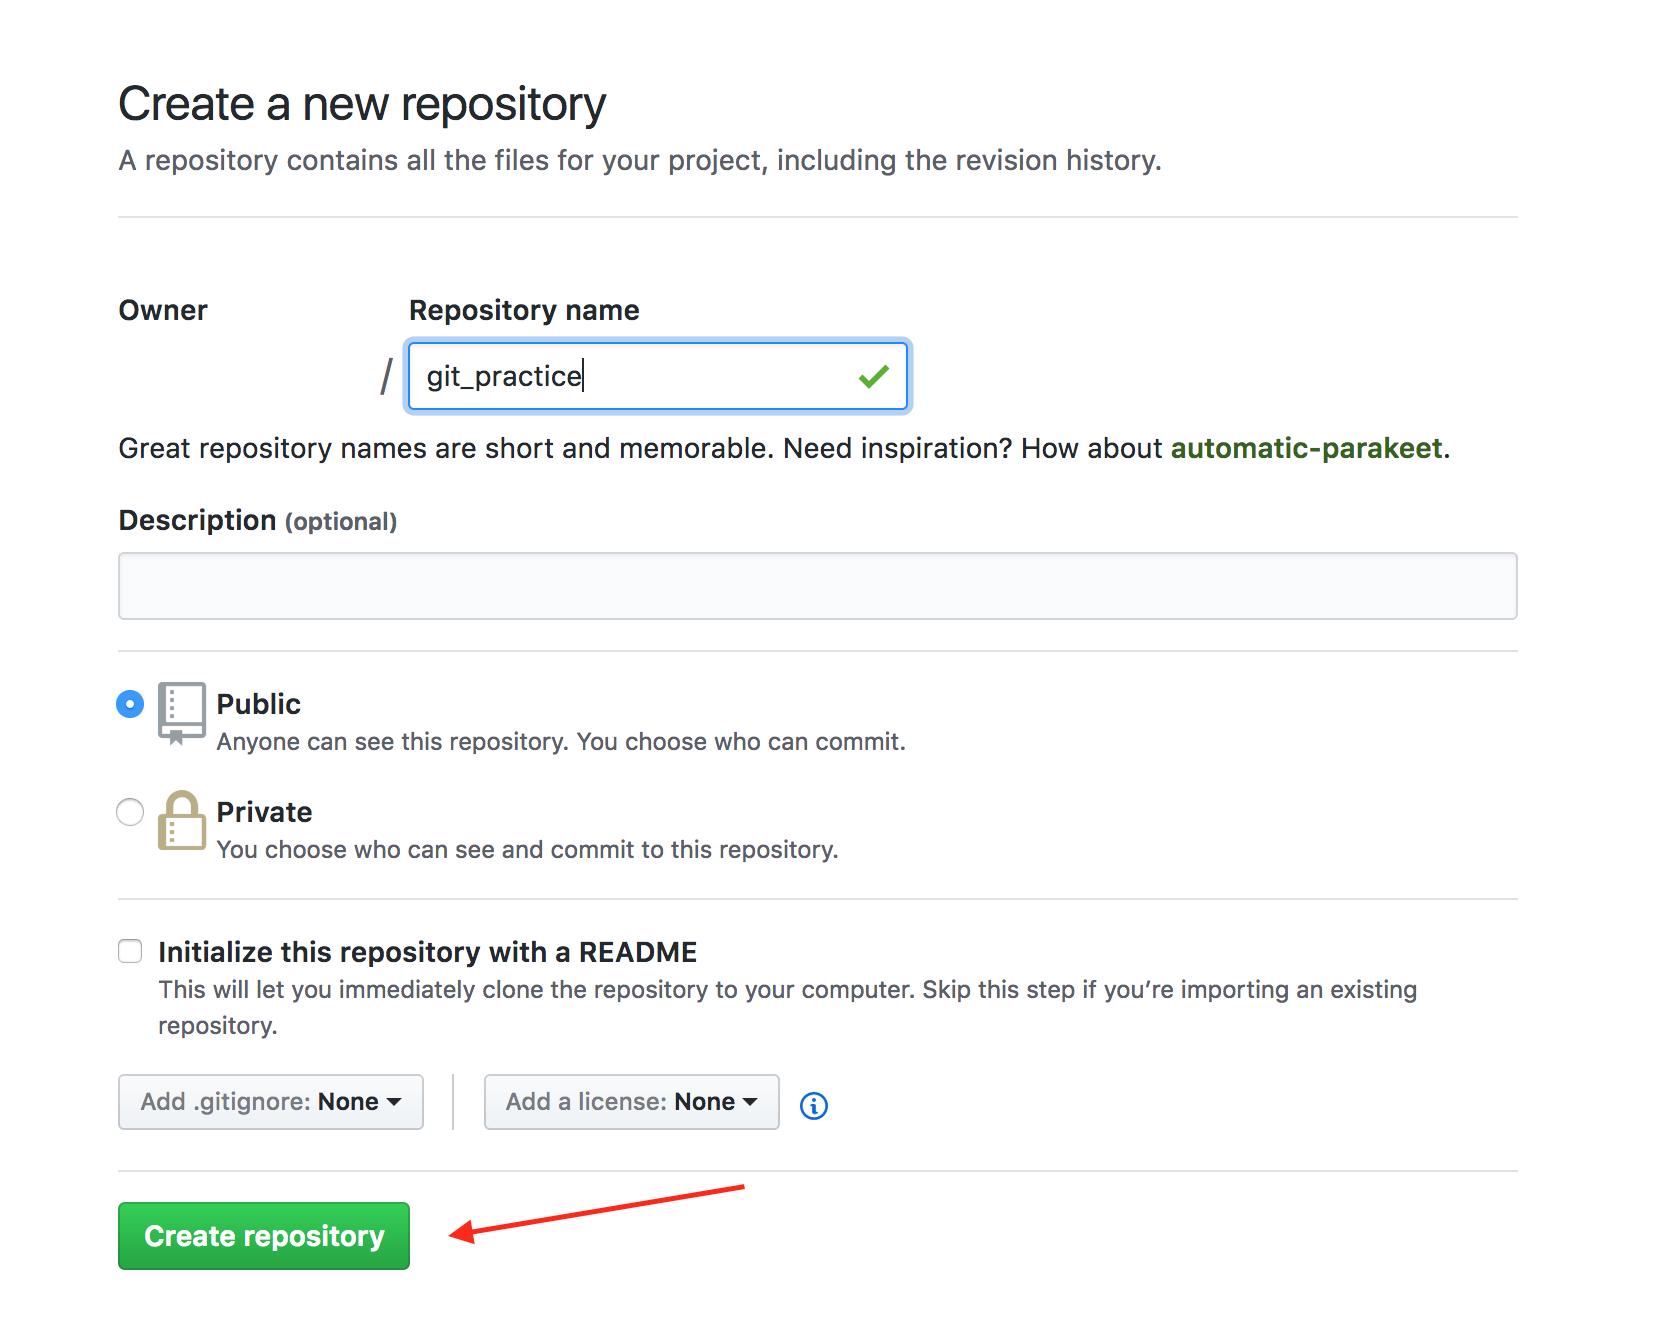 createRepository